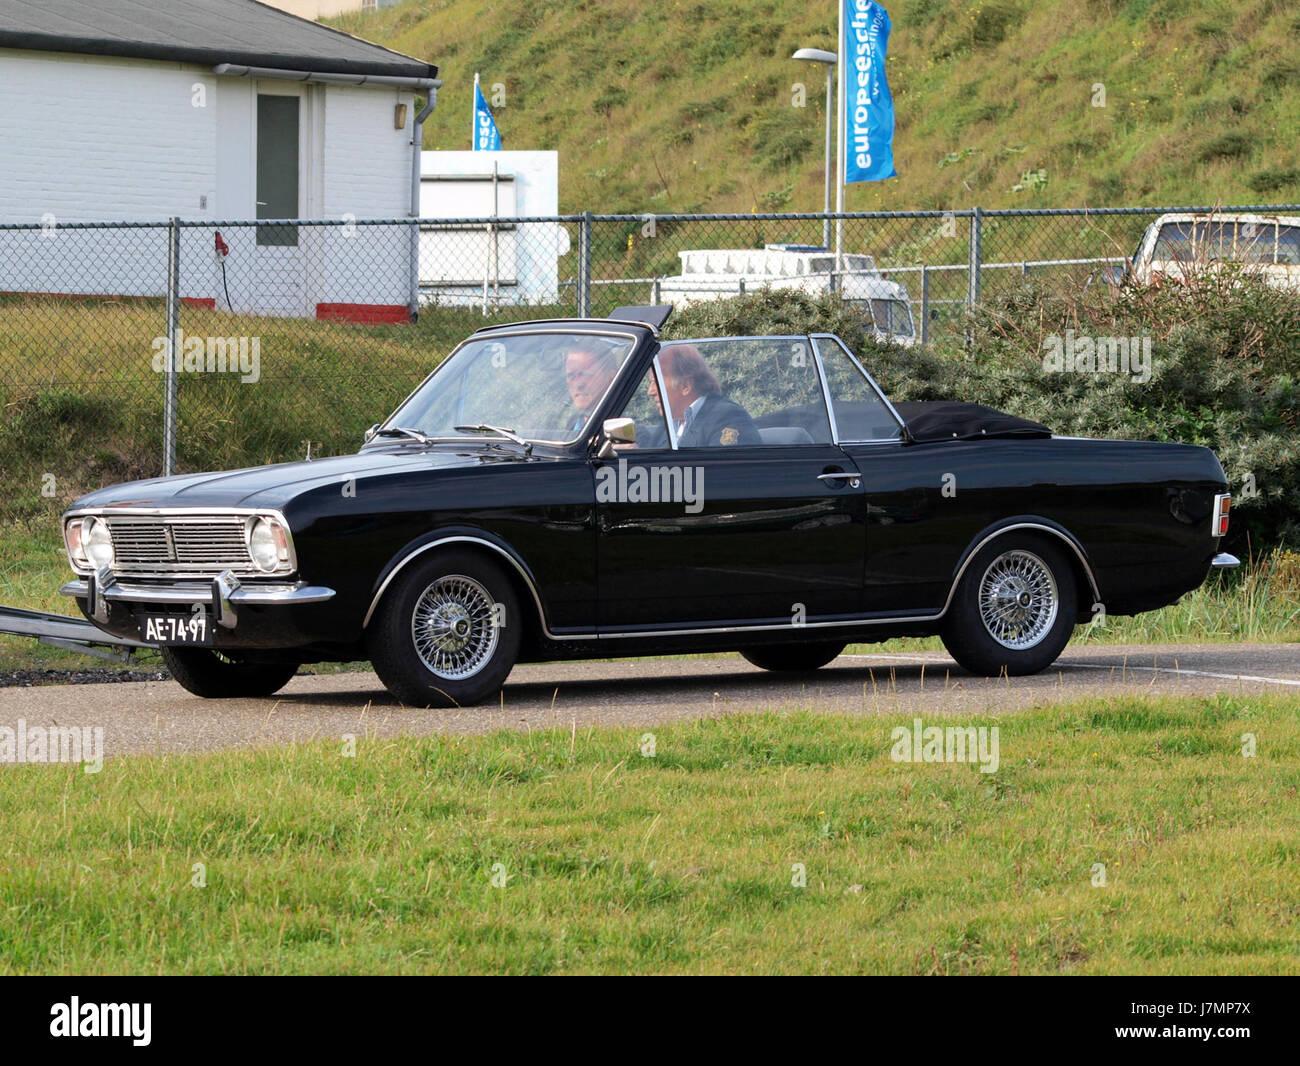 1968 Ford Cortina 1600 Super Automatic Stock Photo